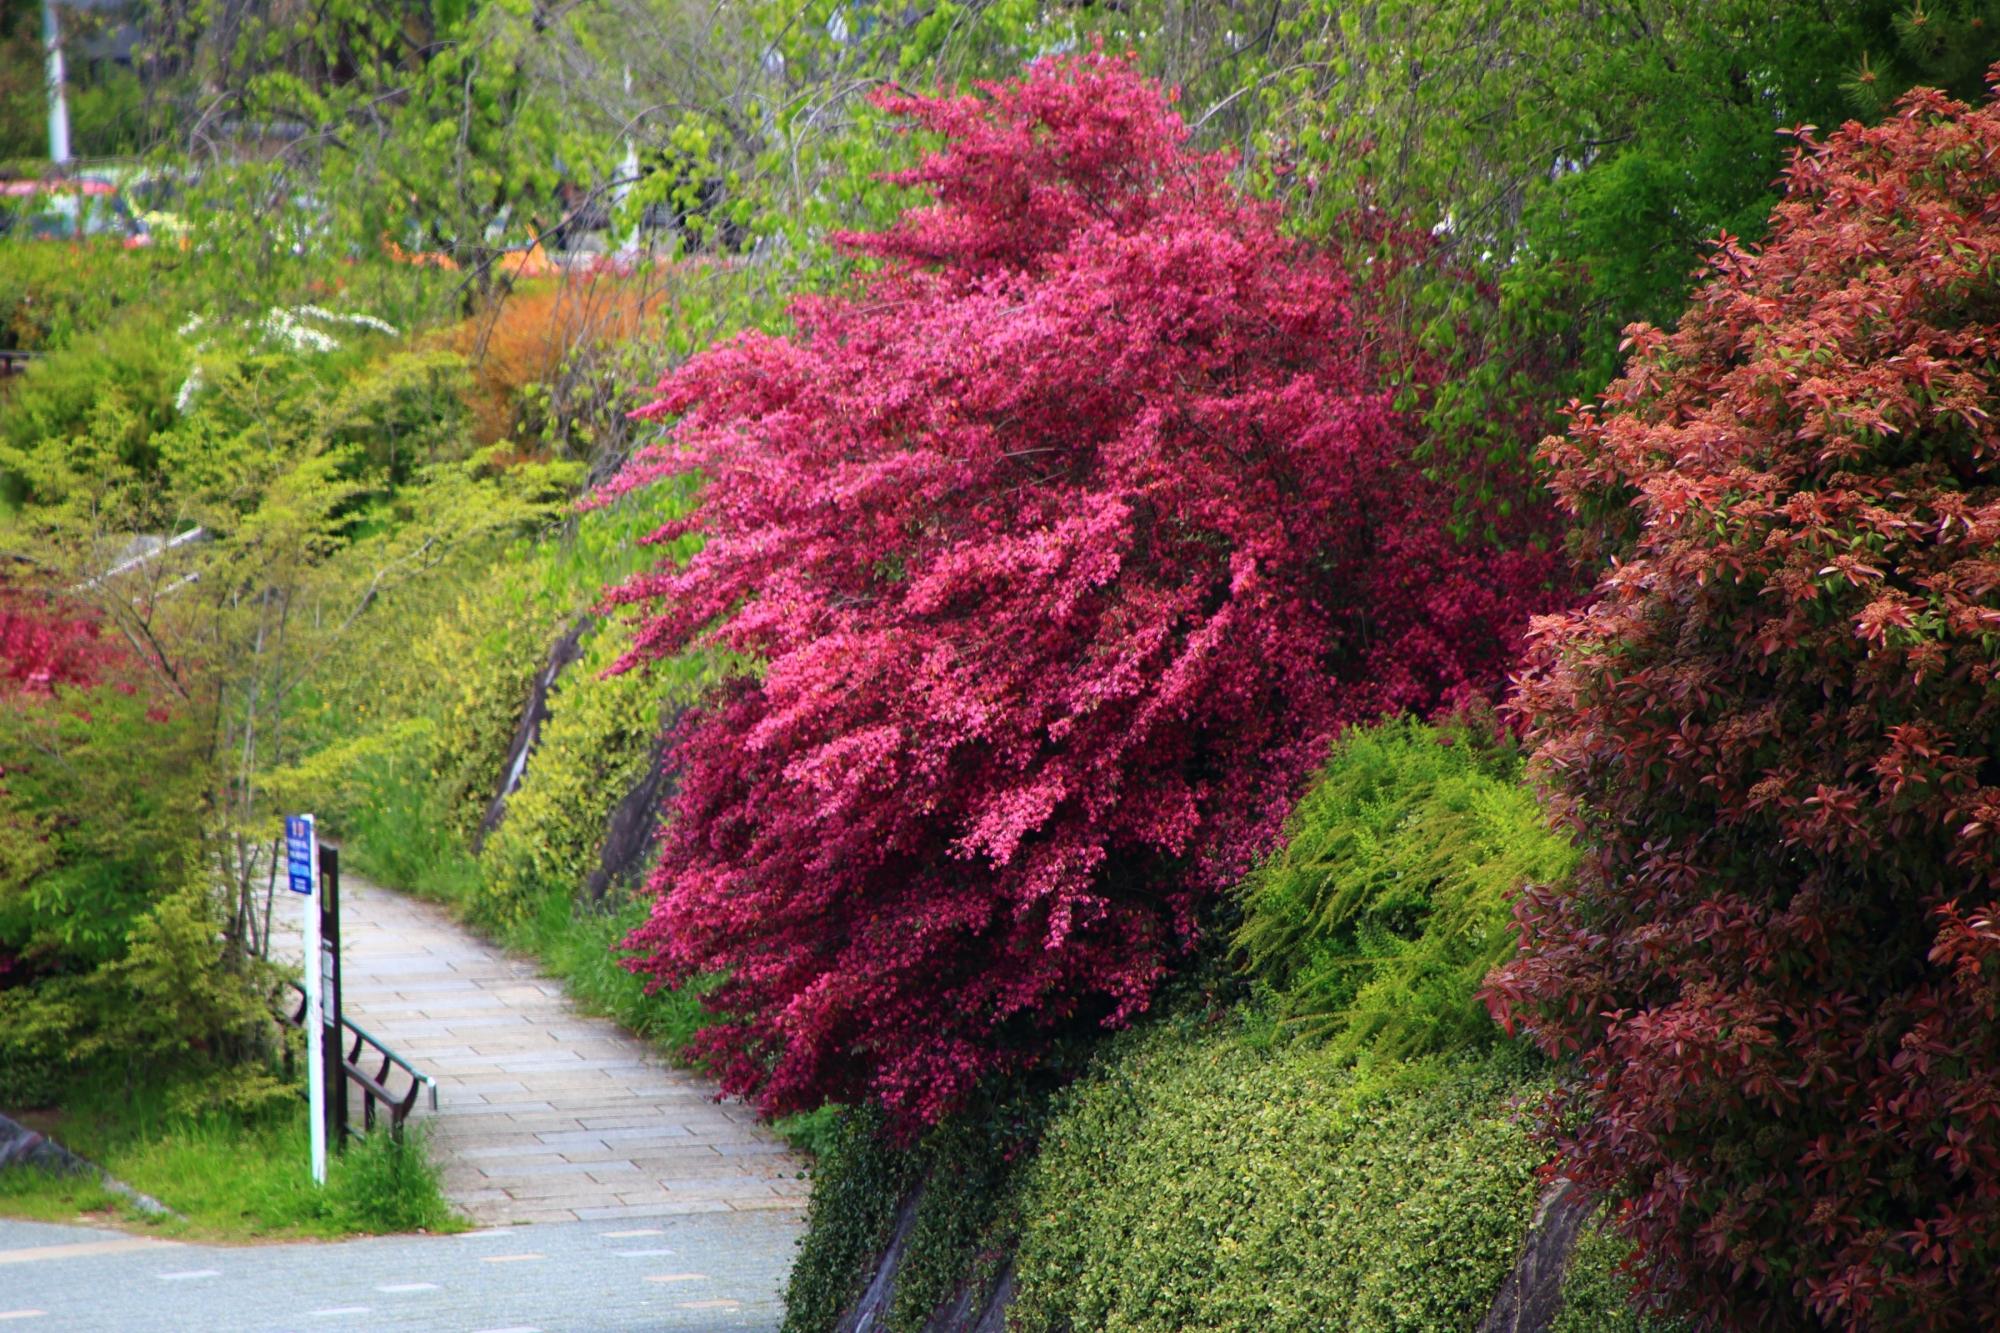 長閑な鴨川沿いの緑の中で強烈な個性を放つ紅花常磐万作(べにばなときわまんさく)